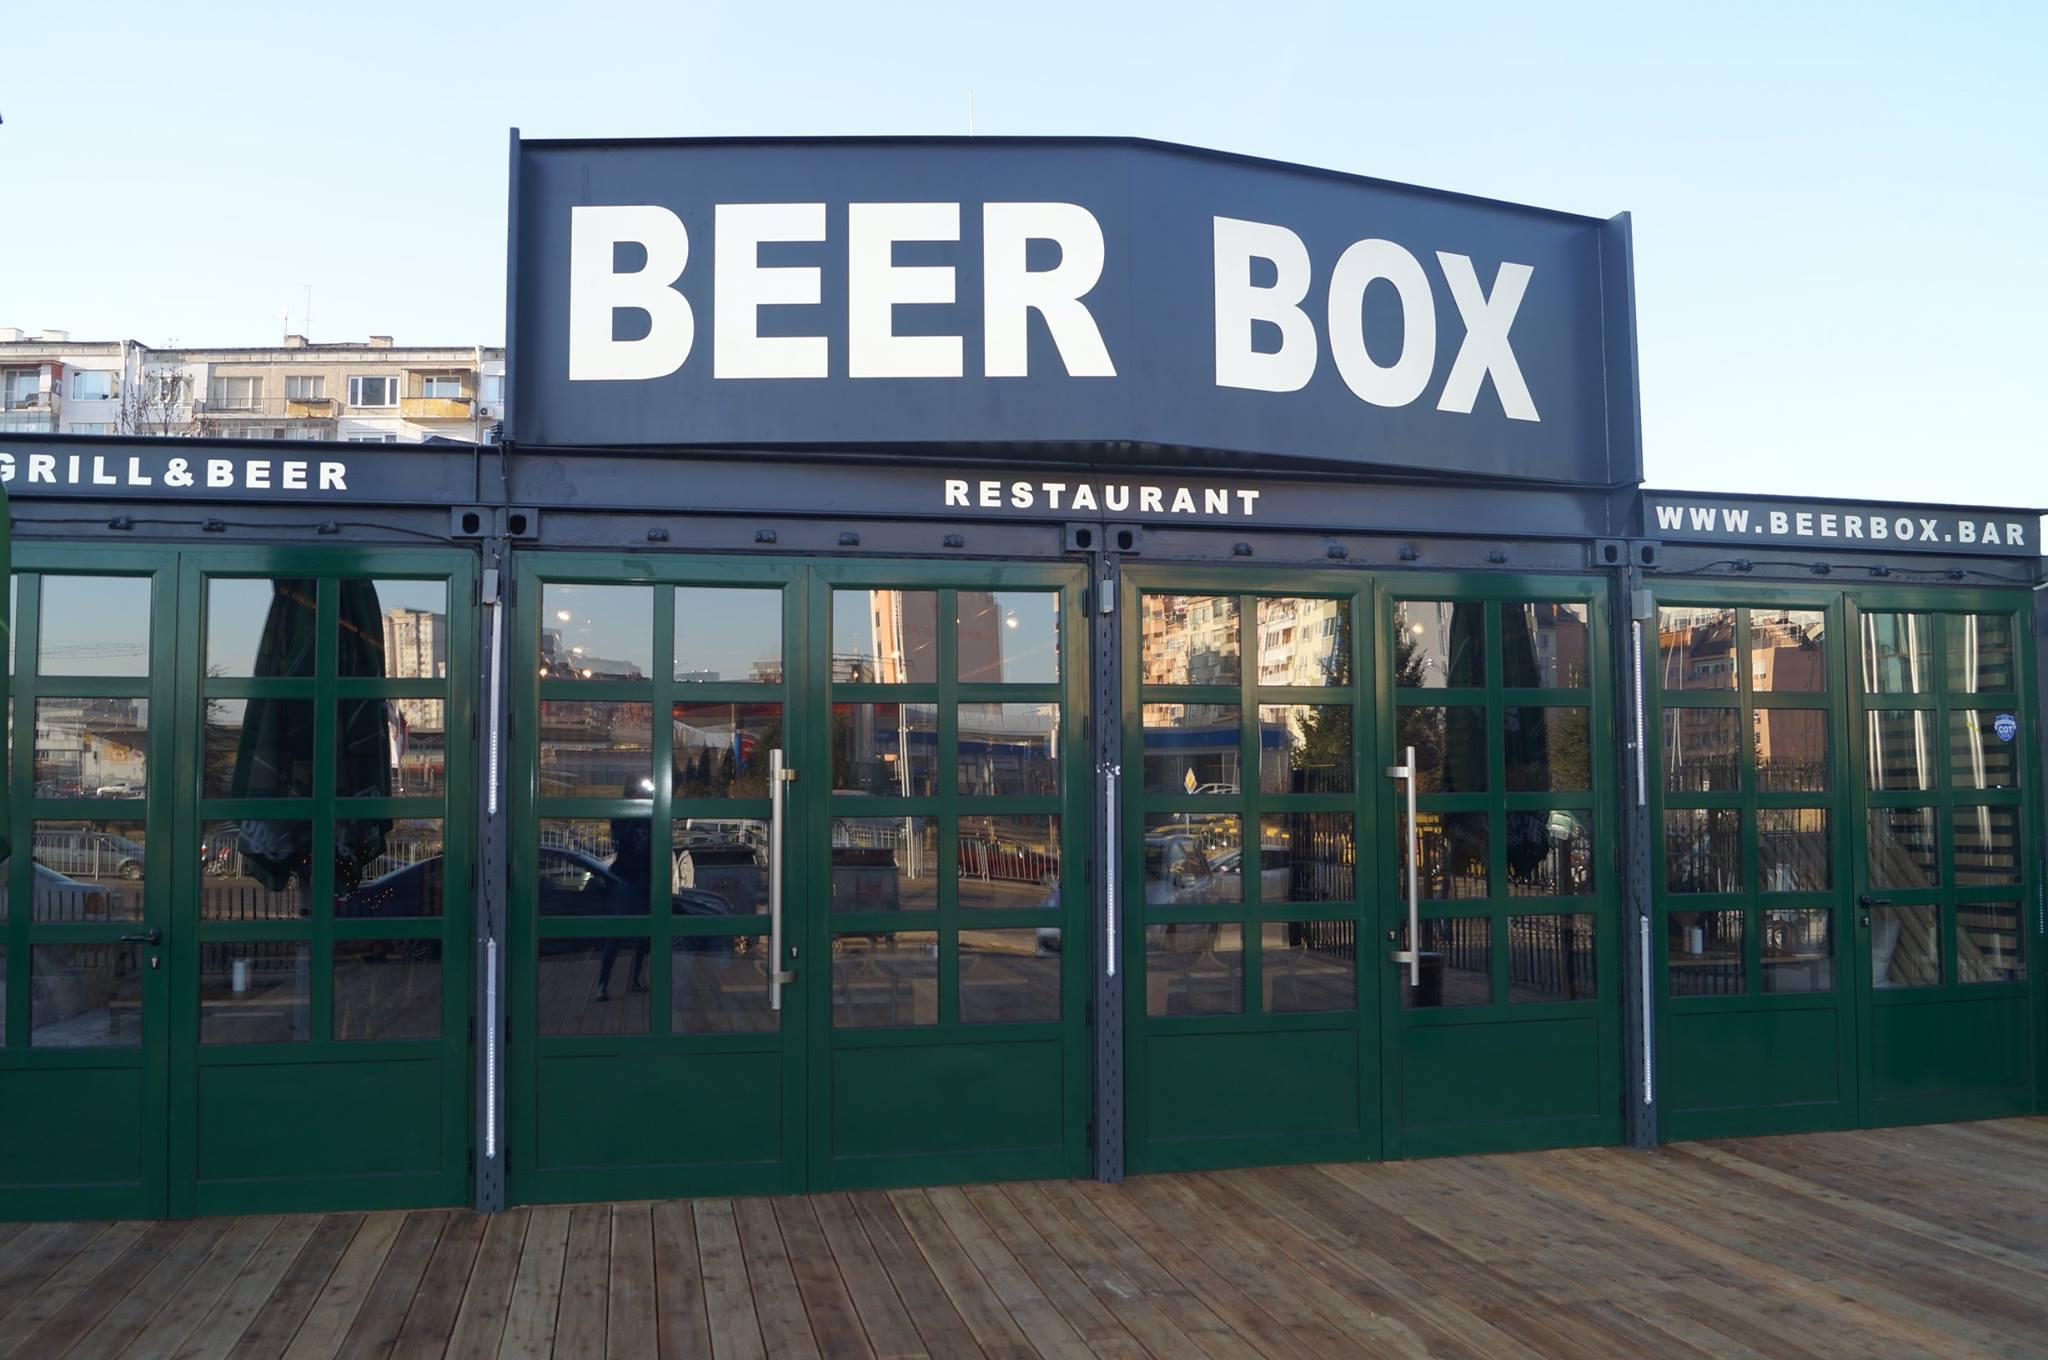 Бирарията от корабни контейнери – Beer Box